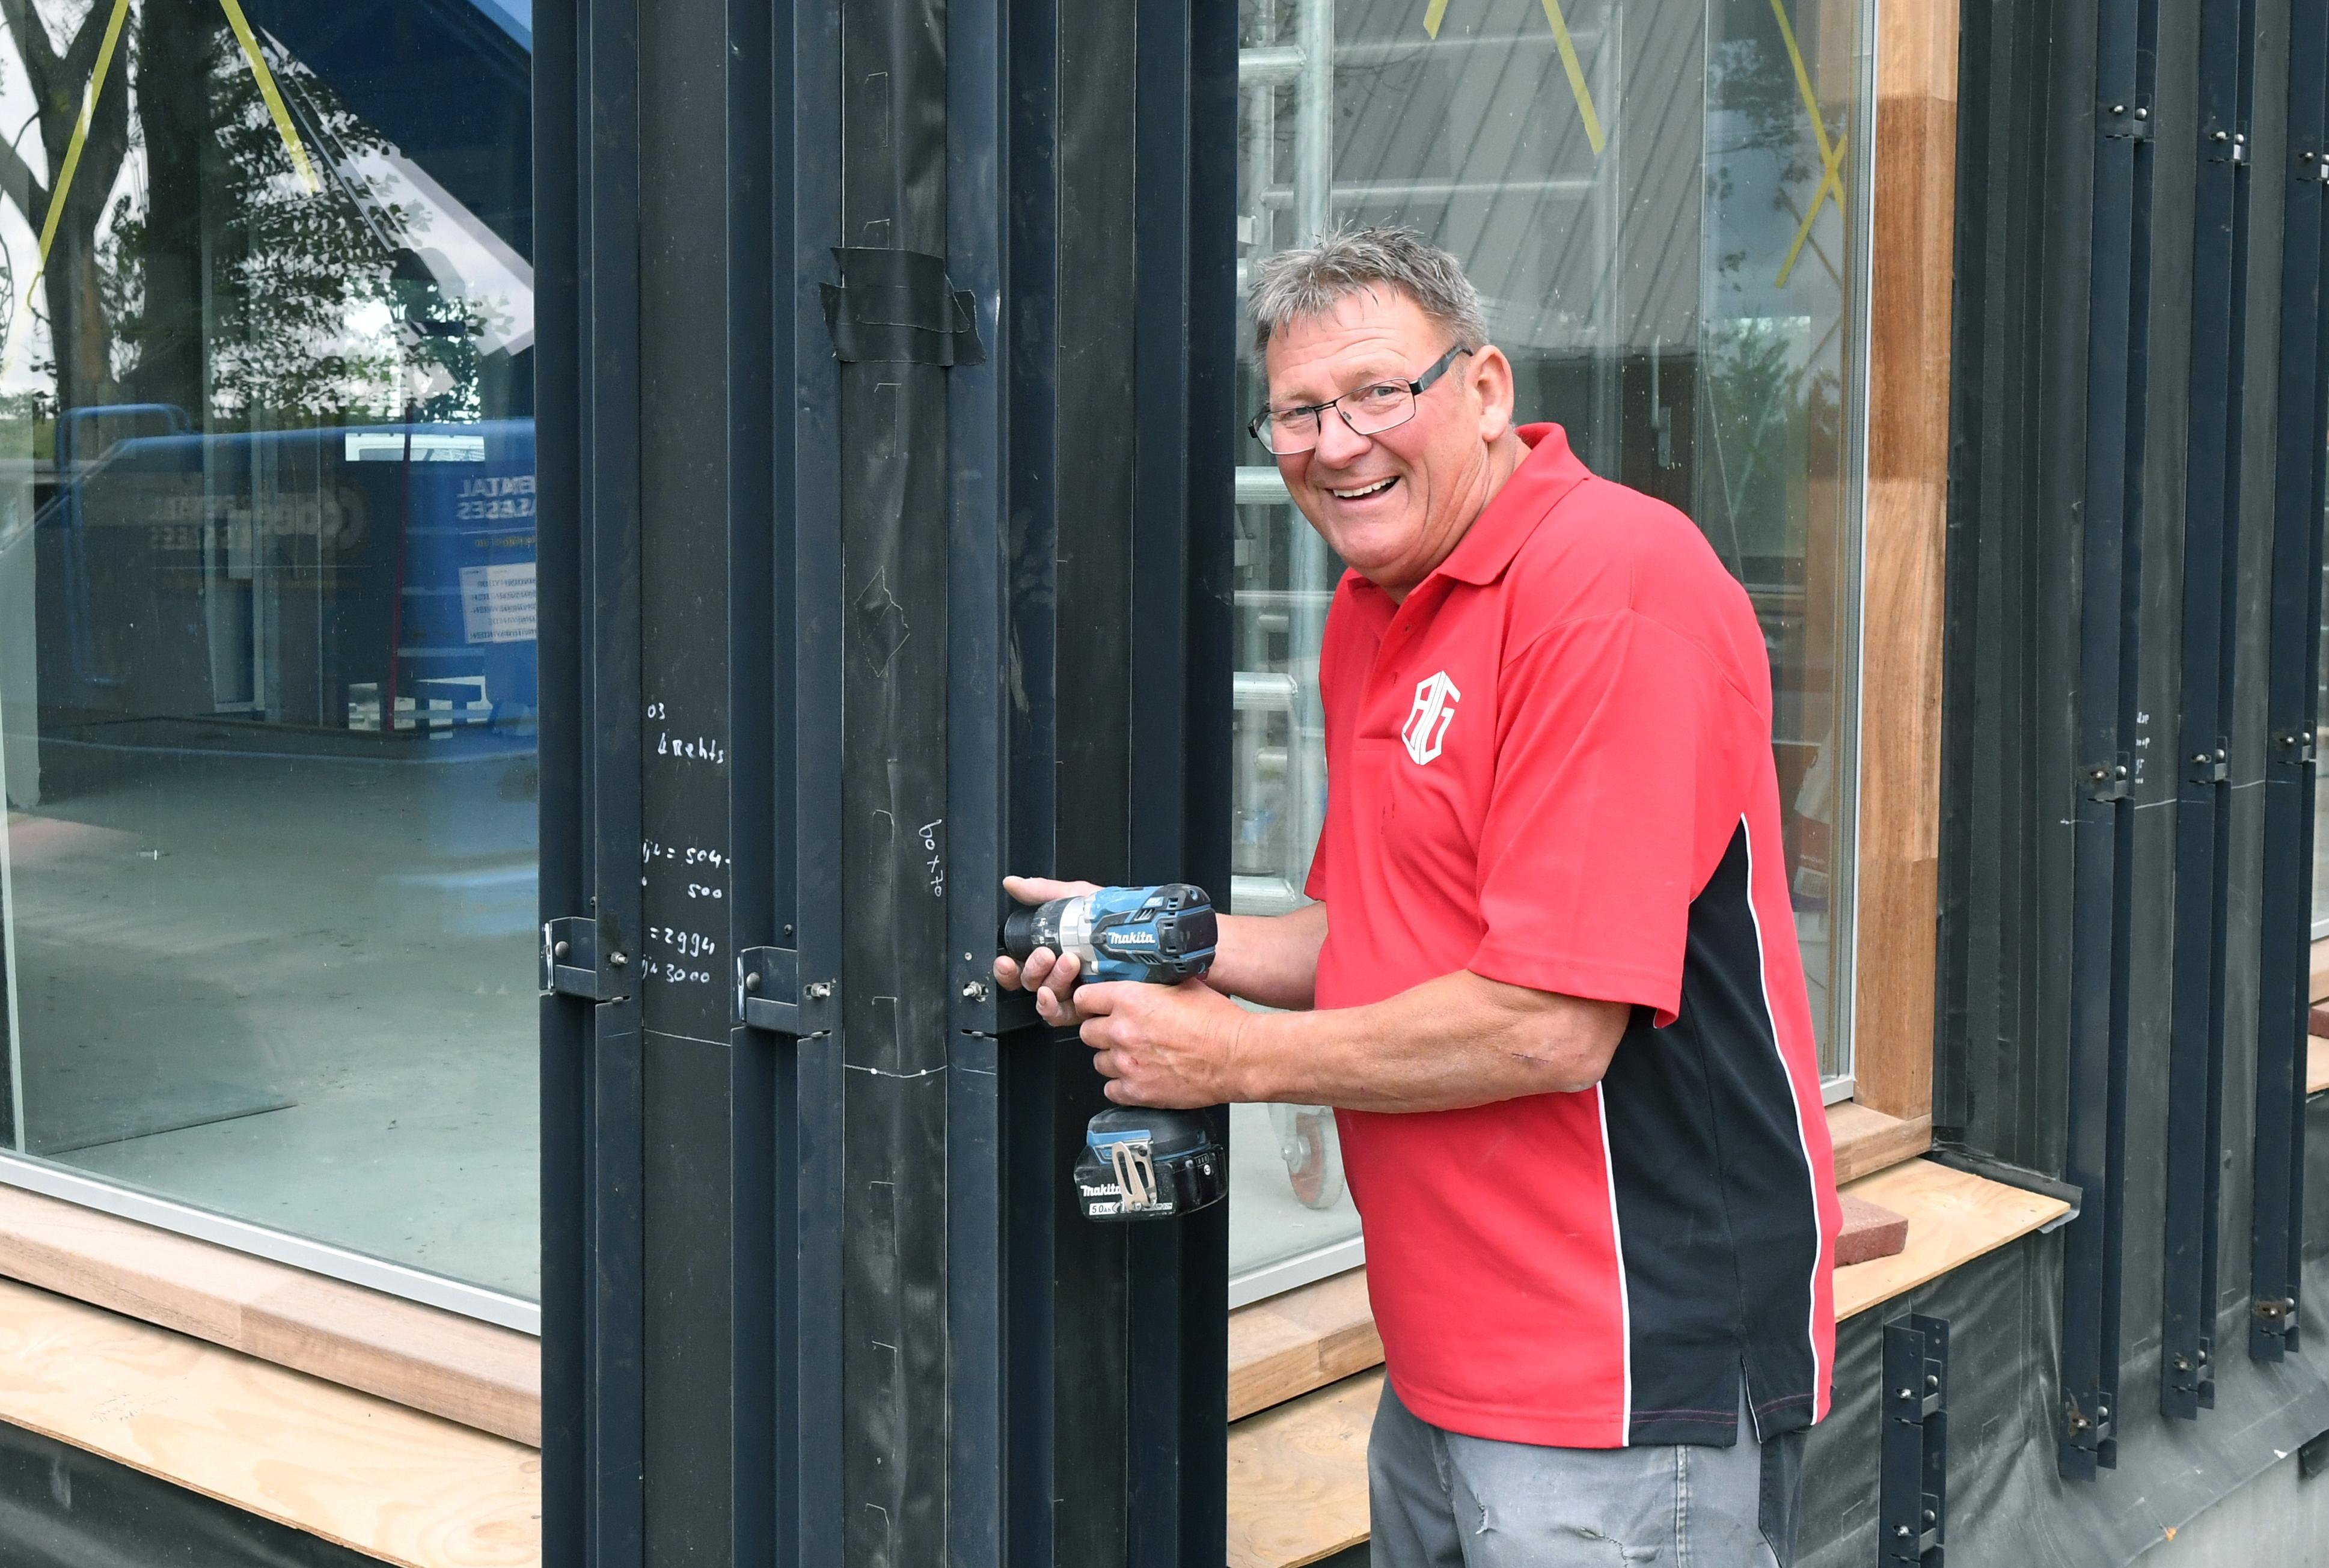 Vijftig jaar lang in de bouw, George Weijers werkt aan zijn laatste klusje voor Bouwbedrijf Appelman